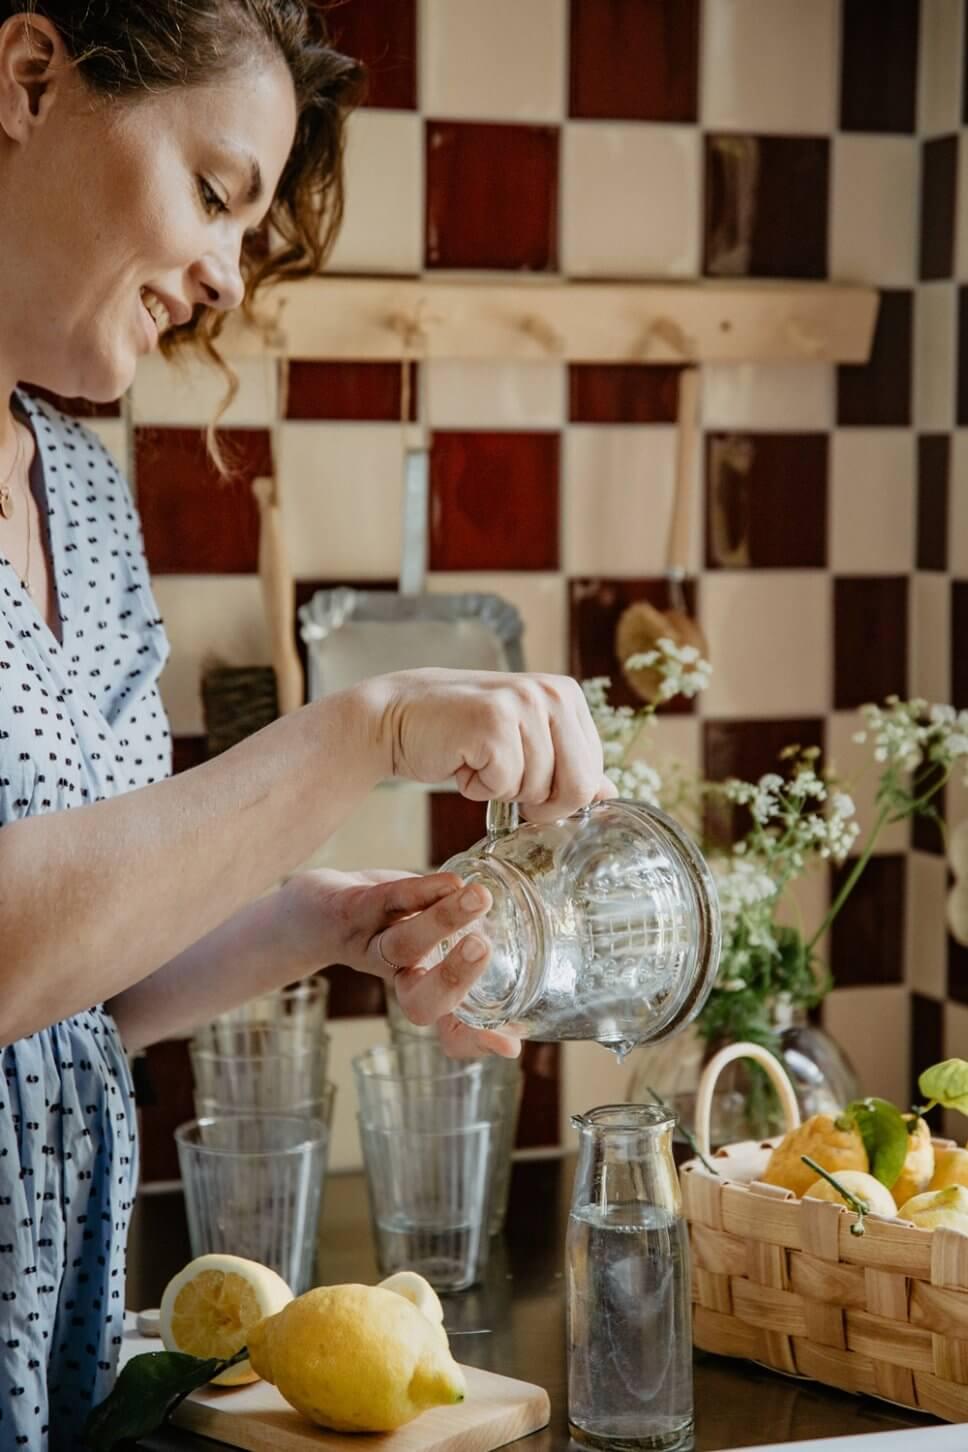 Frau macht Limonade in Landhausküche